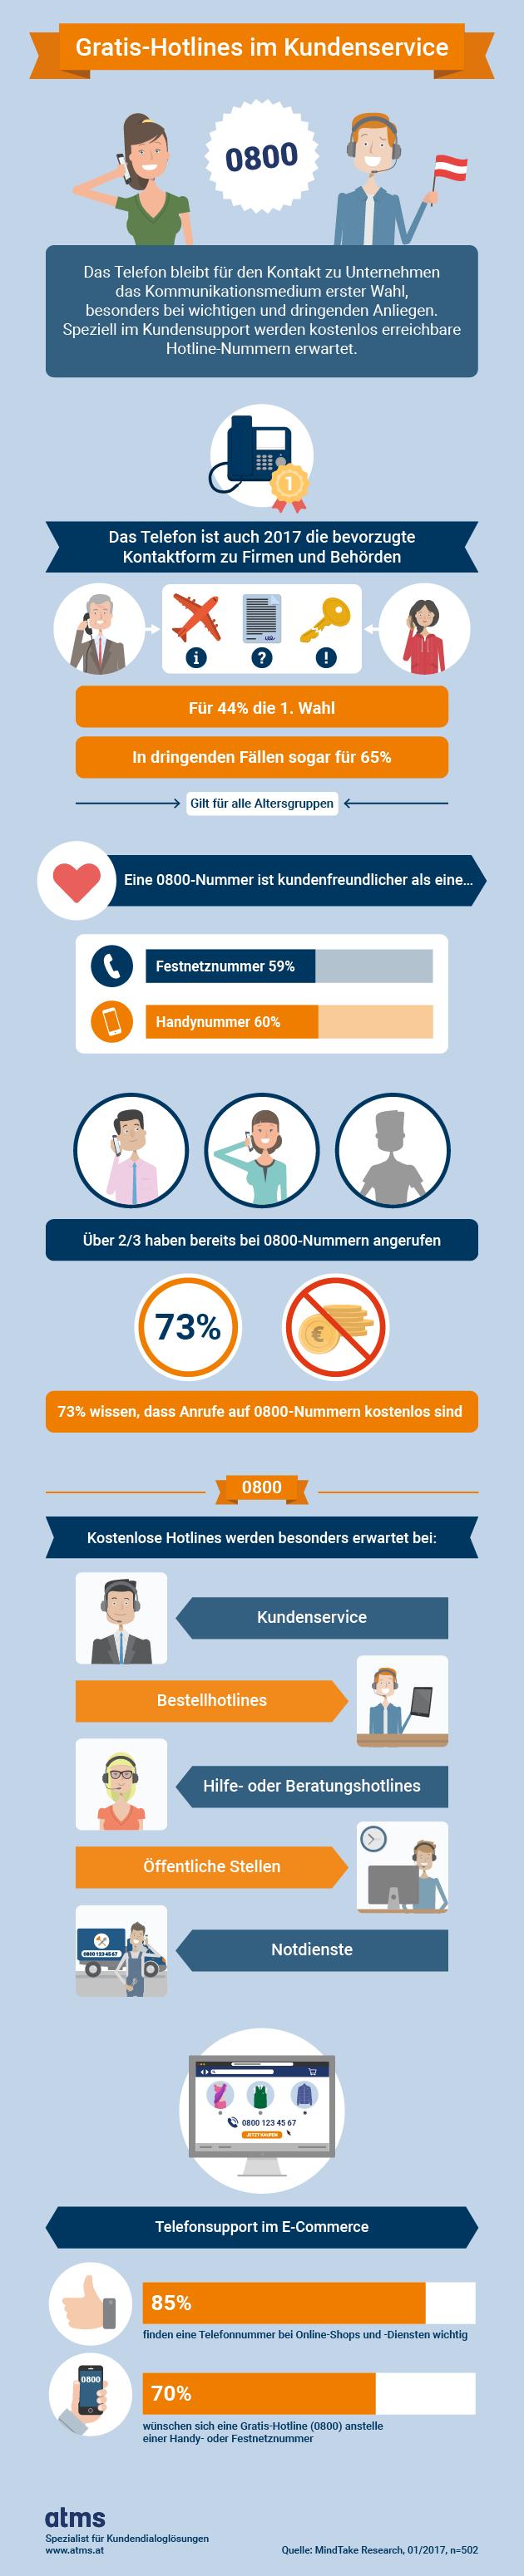 Infografik: Gratis Hotlines im Kundenservice (c) atms